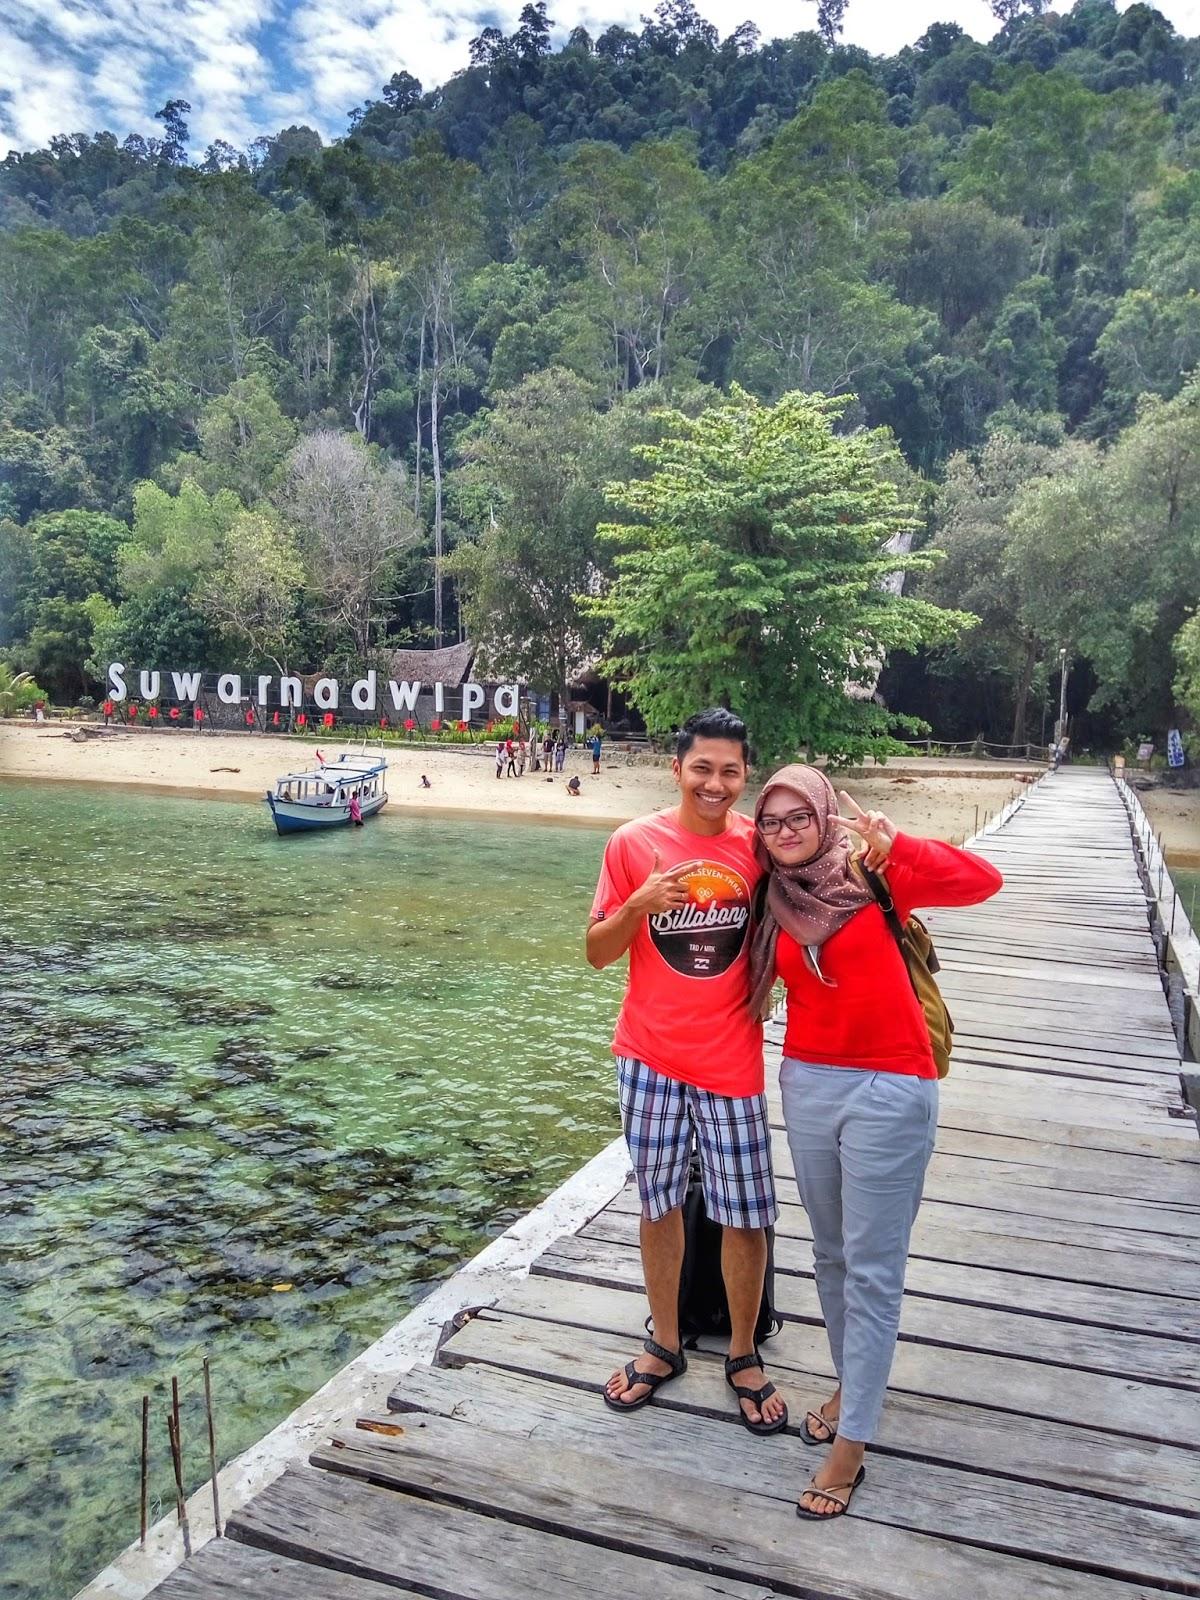 Pulau Swarna Dwipa Padang : pulau, swarna, dwipa, padang, Diujung, Langit:, While, Padang, Edisi, Pulau